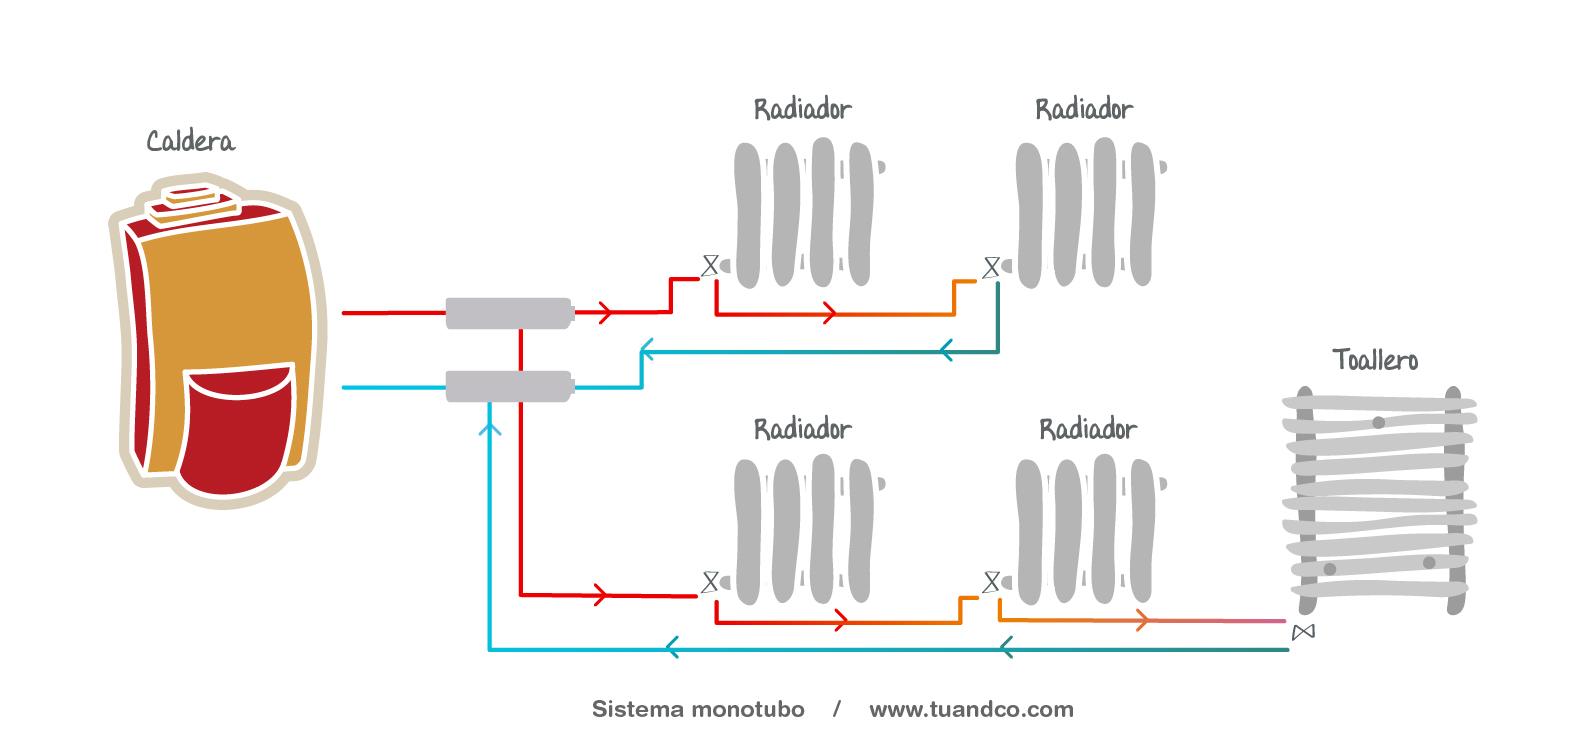 Calefaccion gas butano radiadores stunning cambio de - Radiadores de calefaccion ...